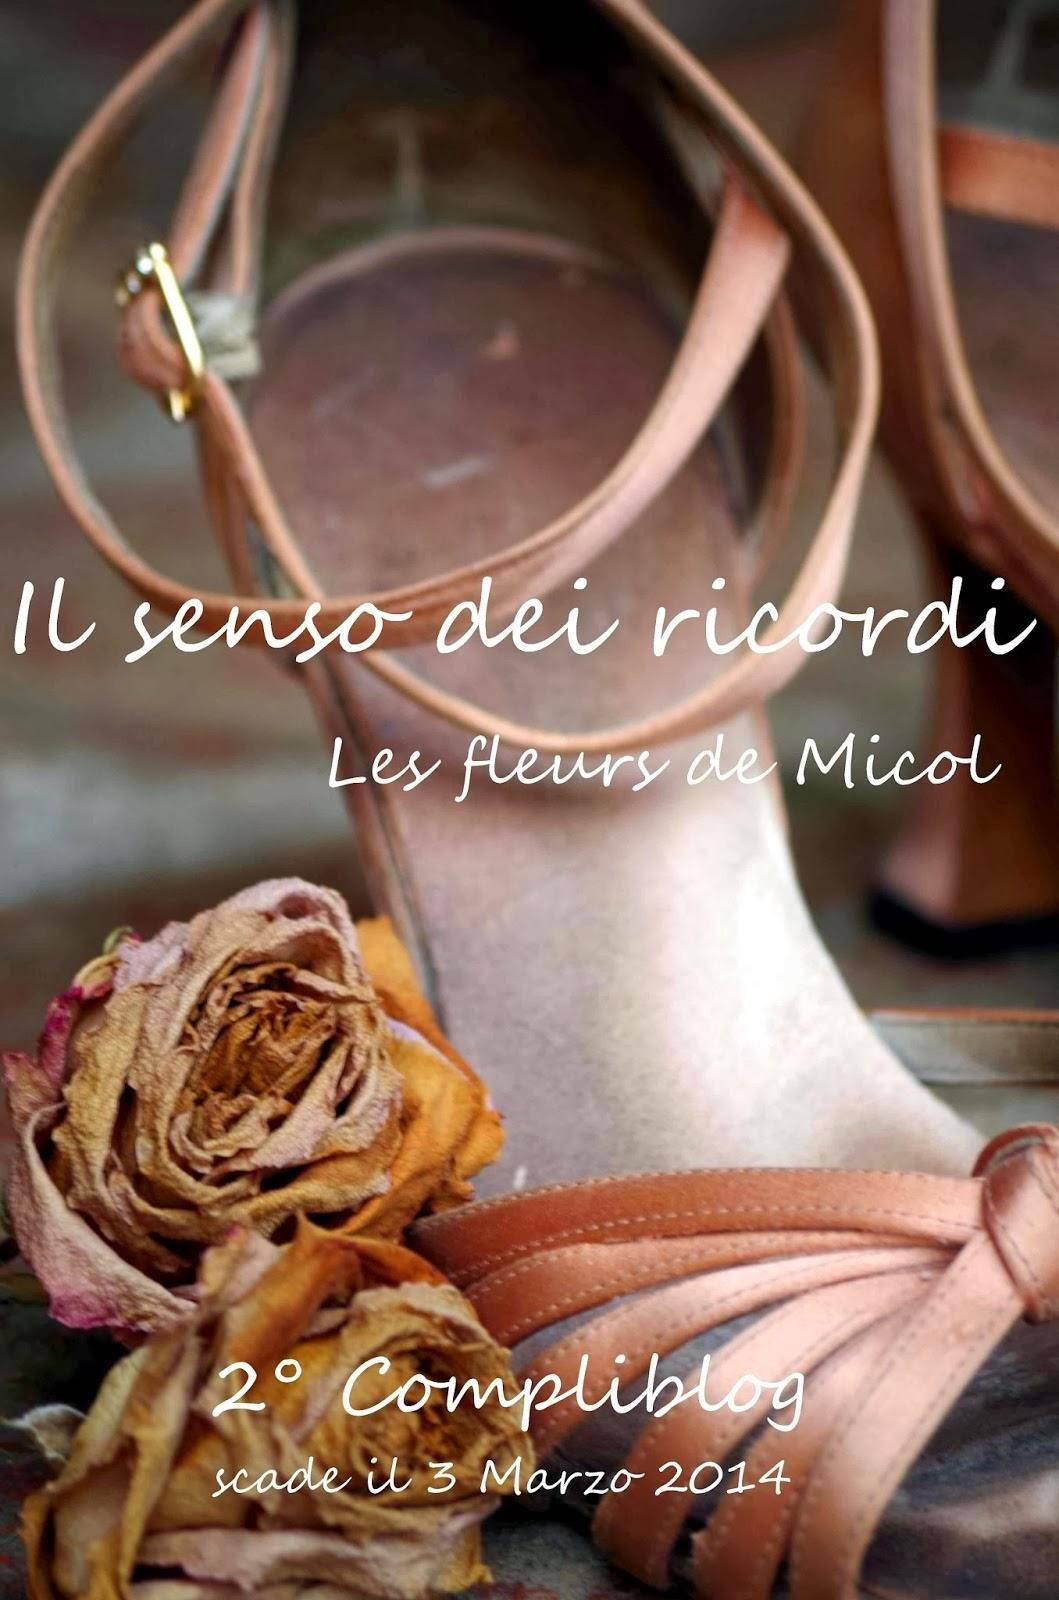 http://lesfleursdemicol.blogspot.it/2014/02/il-senso-dei-ricordi-2-compliblog.html